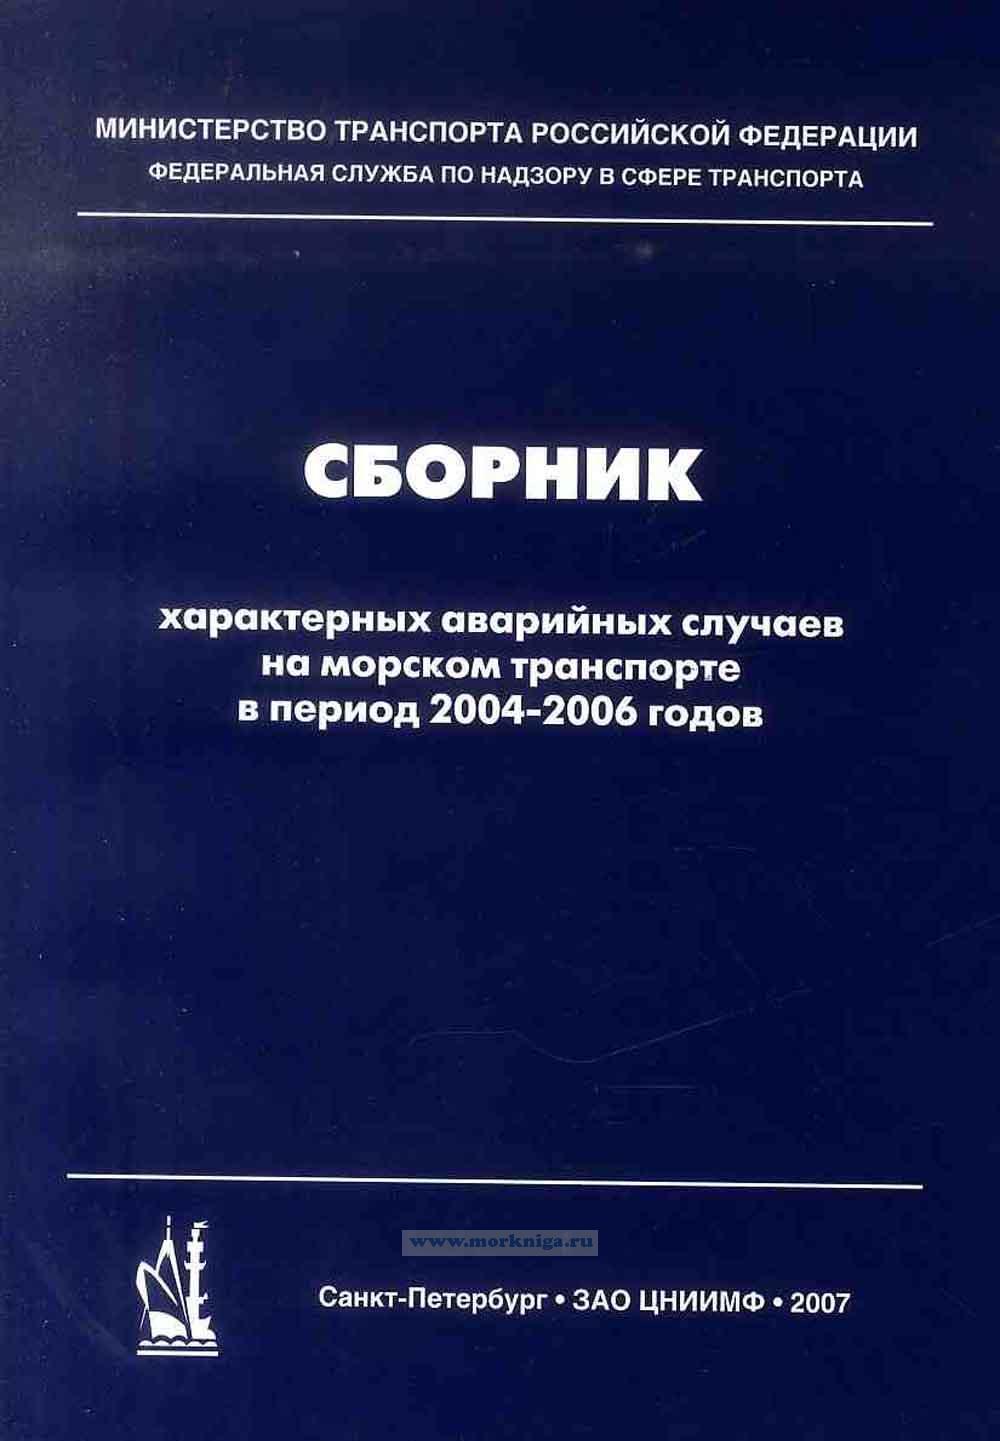 Сборник характерных аварийных случаев на морском транспорте в период 2004-2006 годов